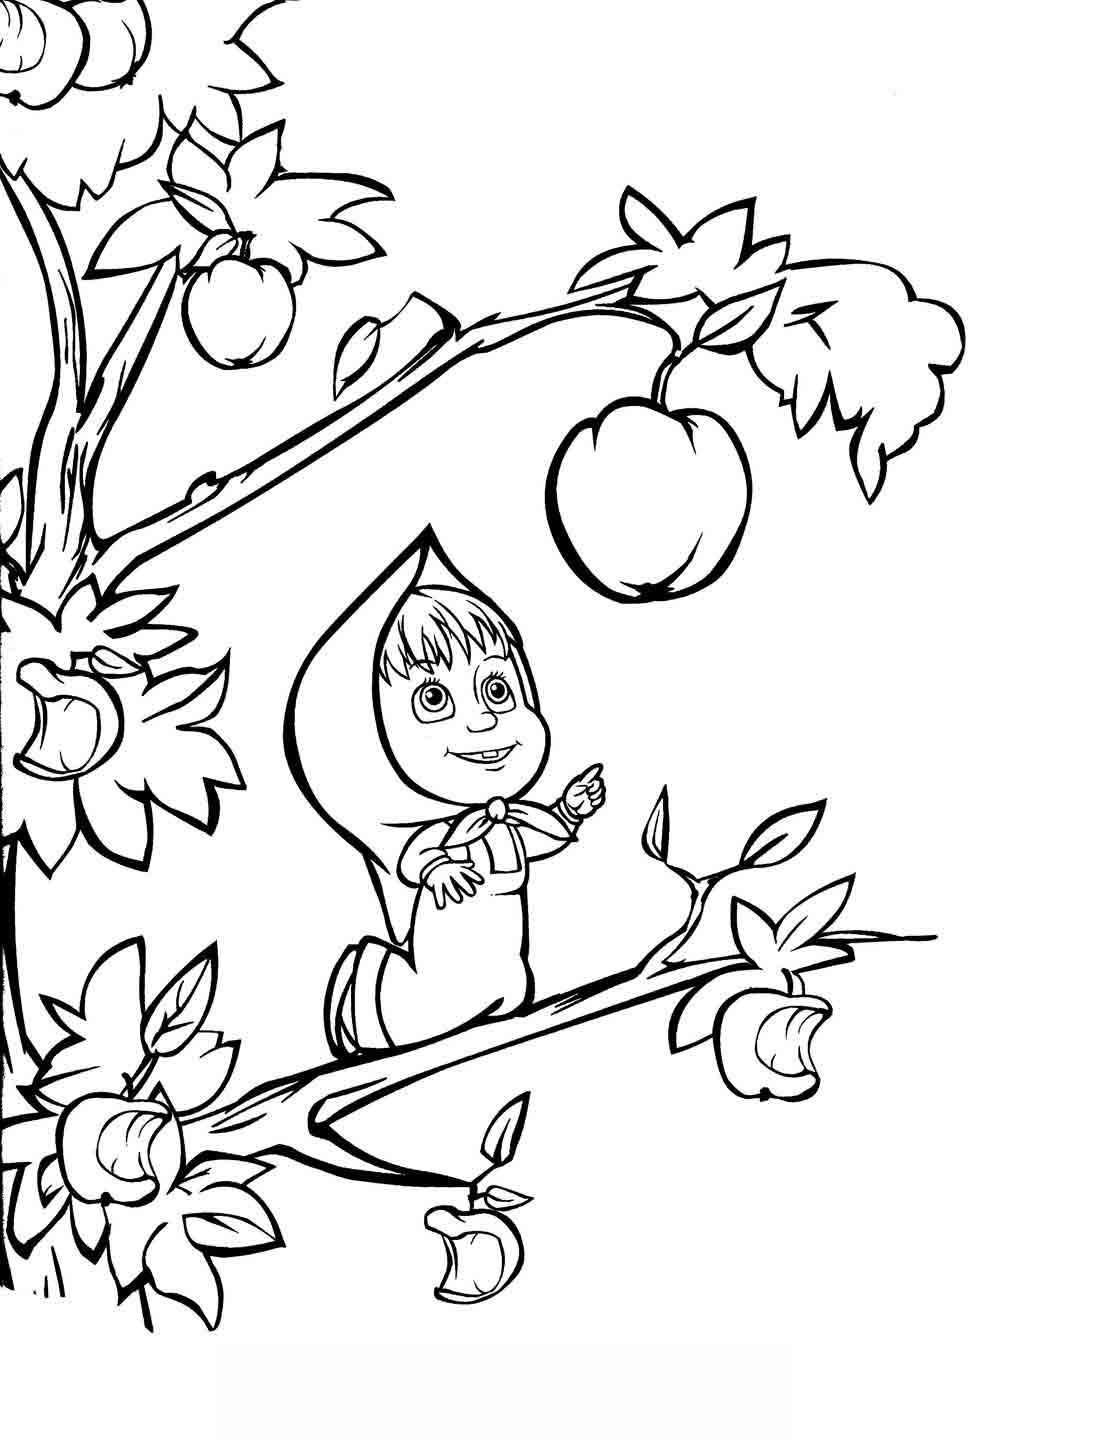 Маша с яблоком - раскраска №48 | Printonic.ru